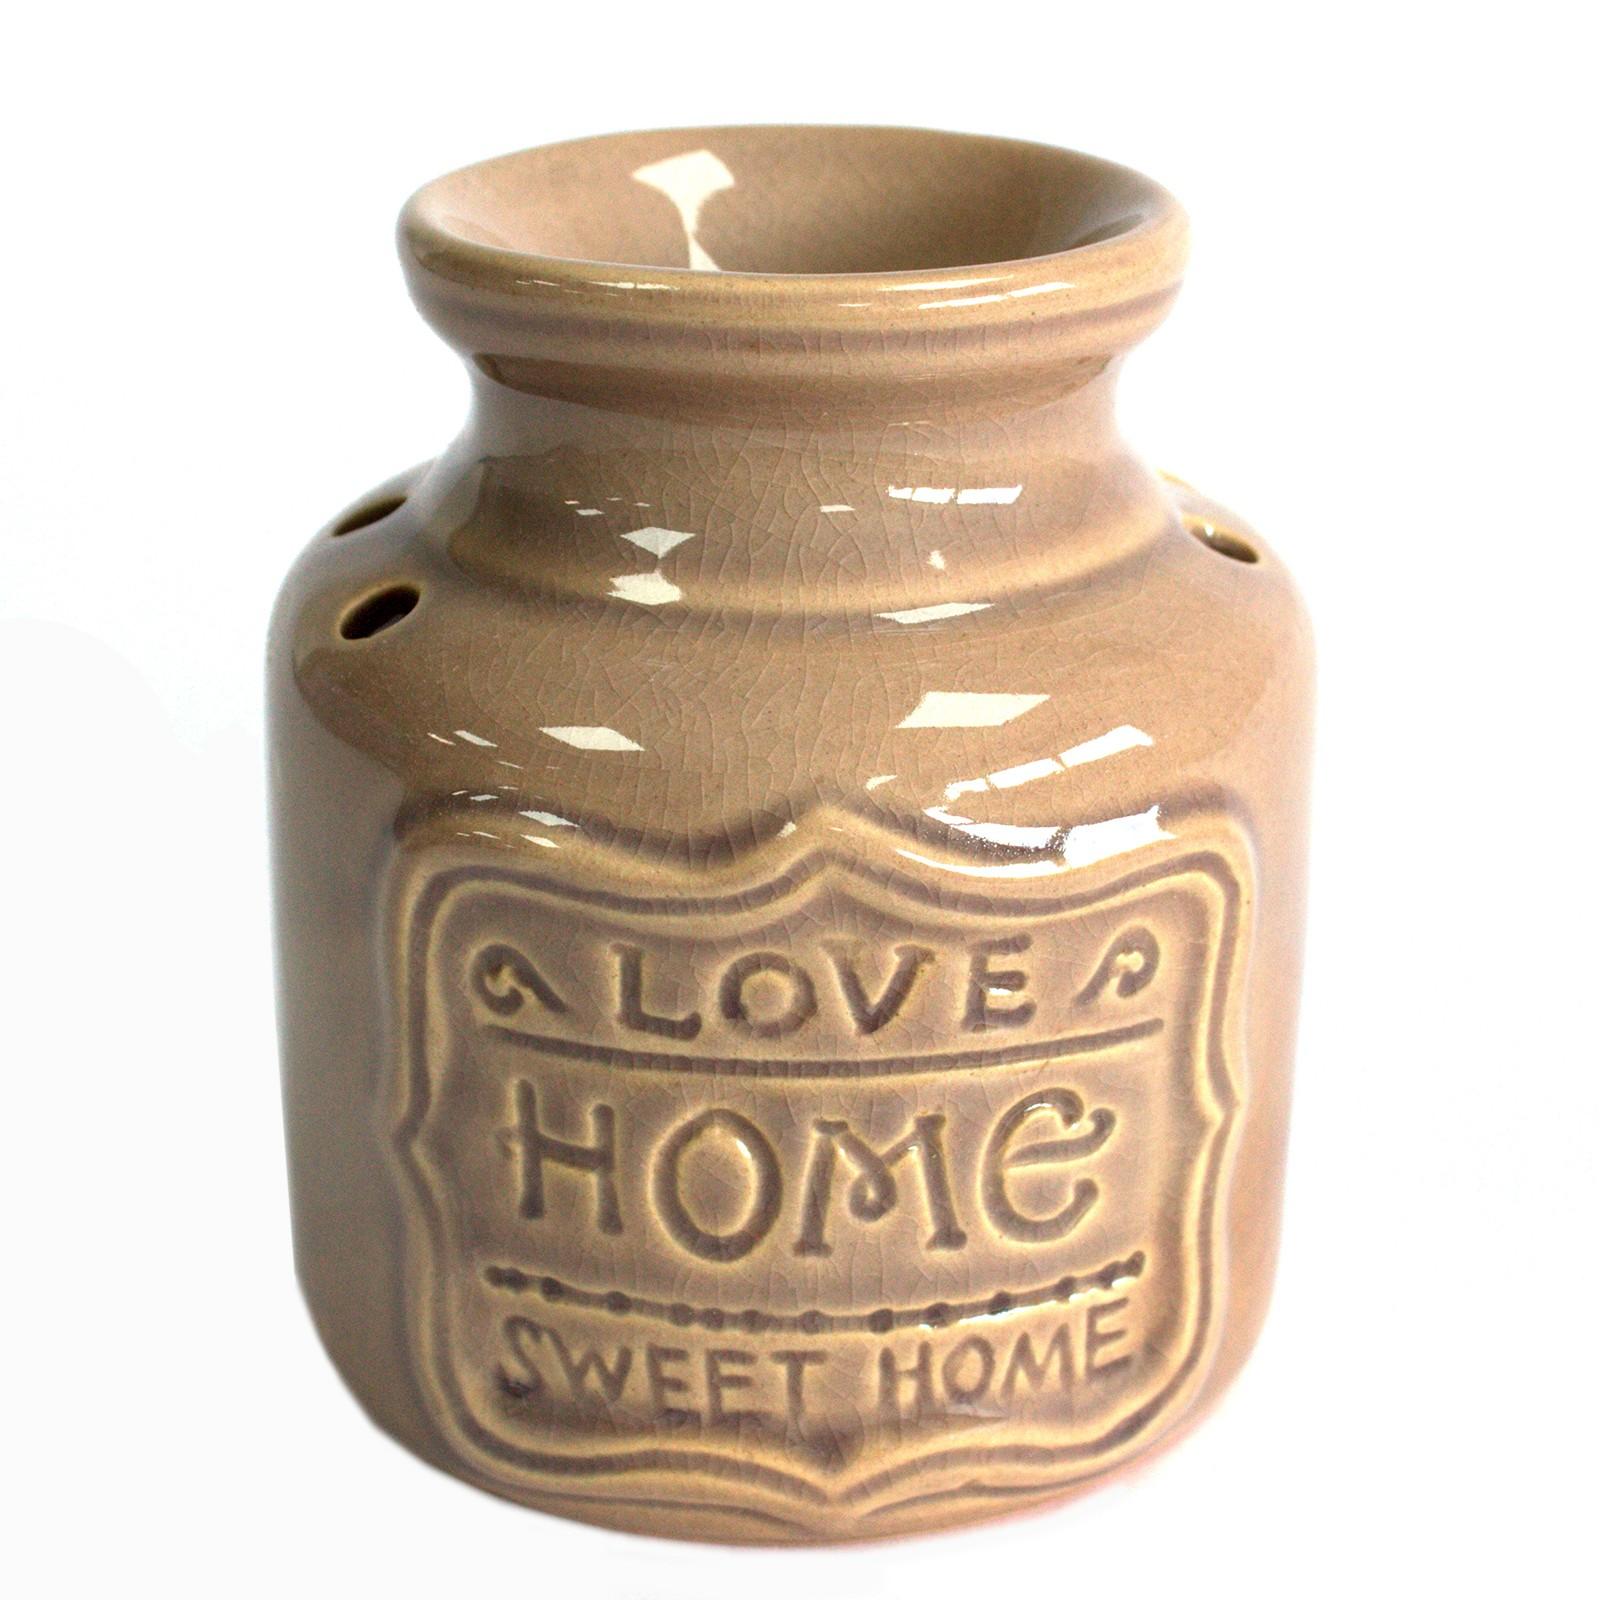 Lrg Home Oil Burner Grey Love Home Sweet Home